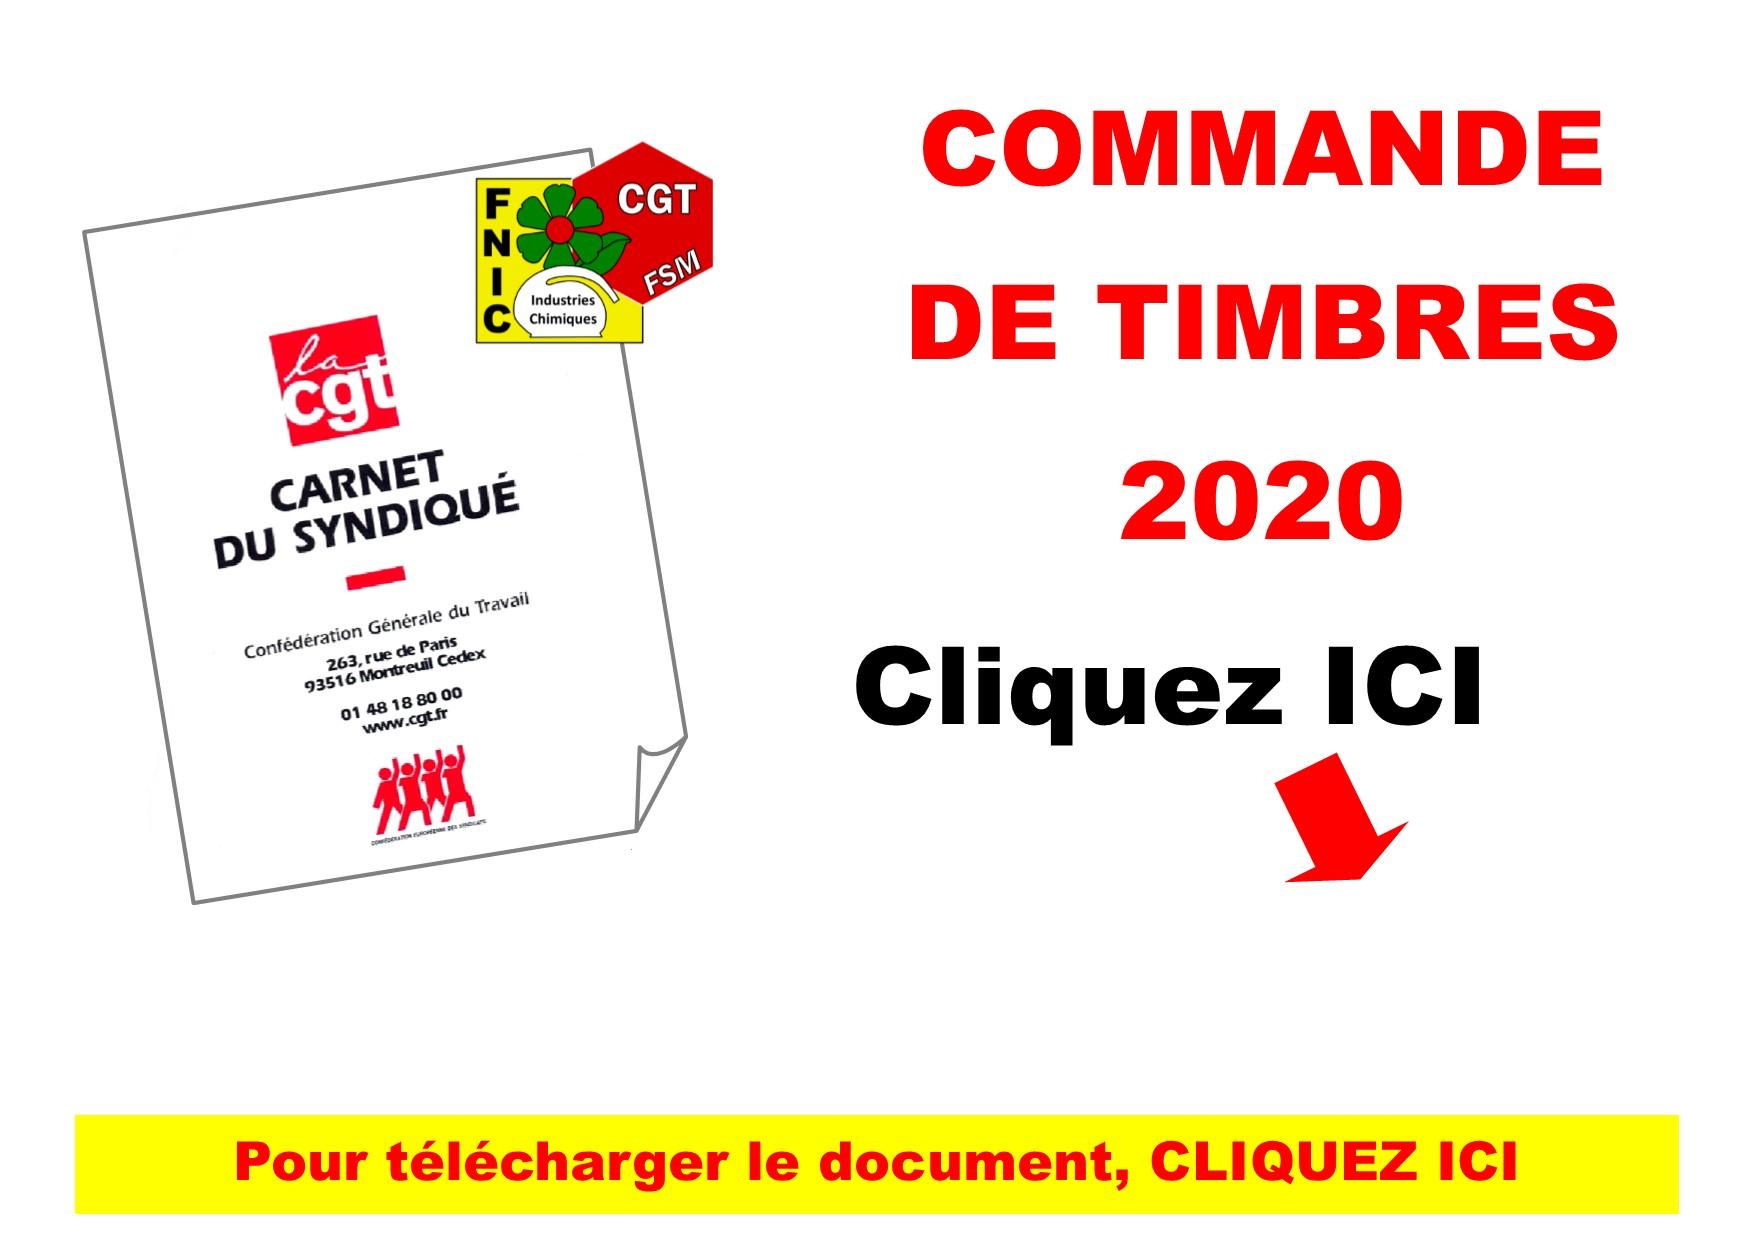 COMMANDE DE TIMBRES 2020